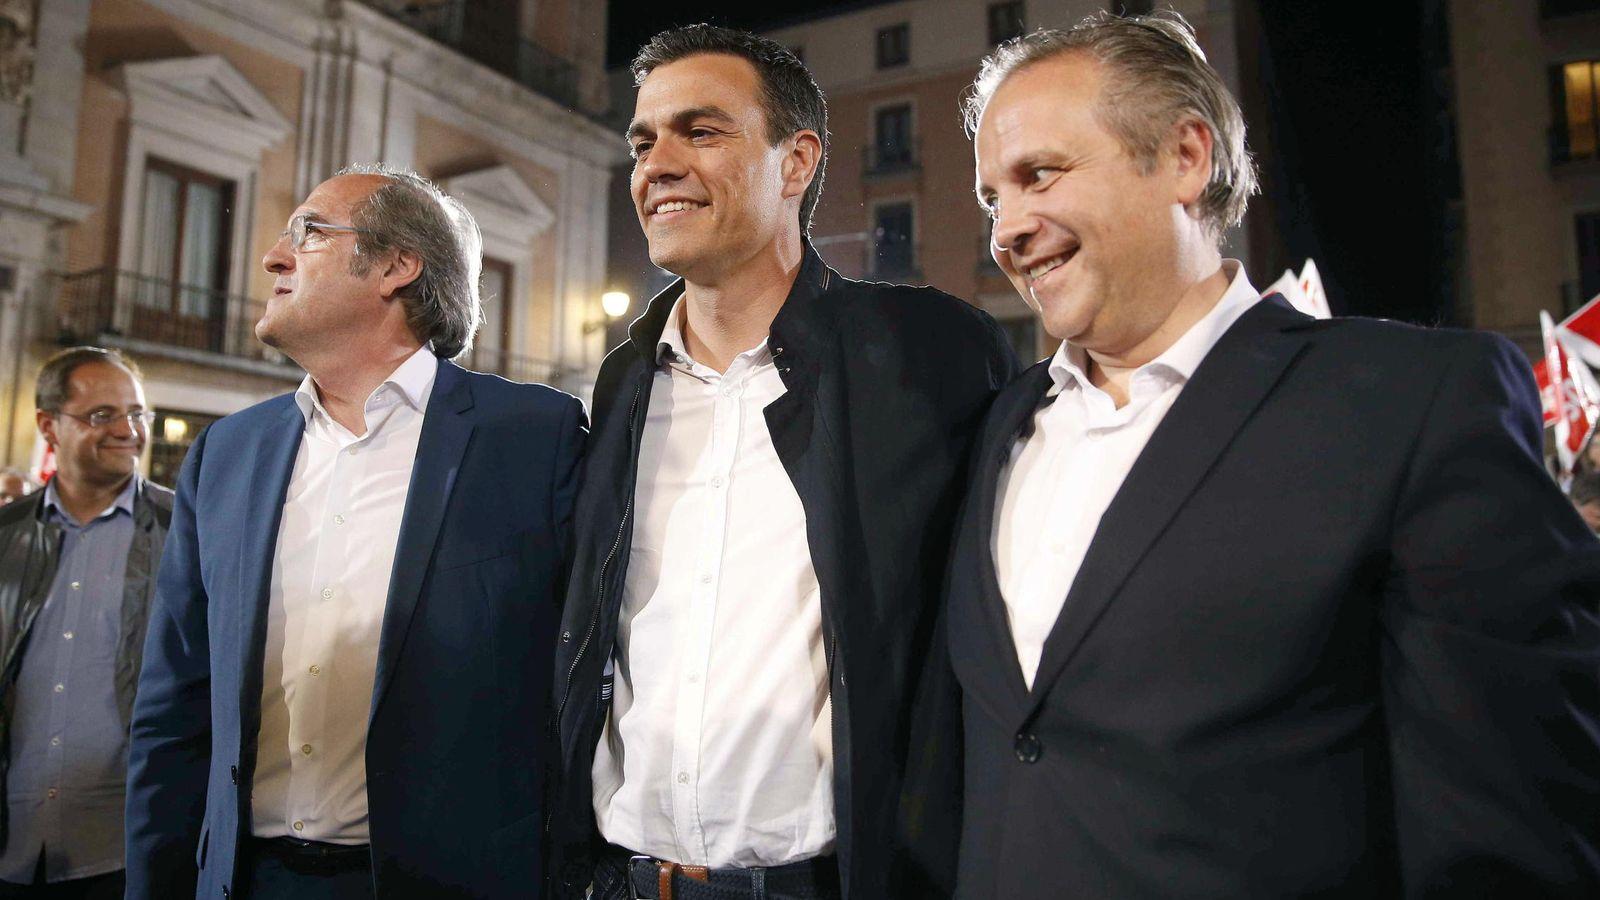 Foto: Pedro Sánchez, junto a los candidatos a la Comunidad de Madrid, Ángel Gabilondo, y al Ayuntamiento de Madrid, Antonio Miguel Carmona, en el inicio de campaña electoral. (EFE)